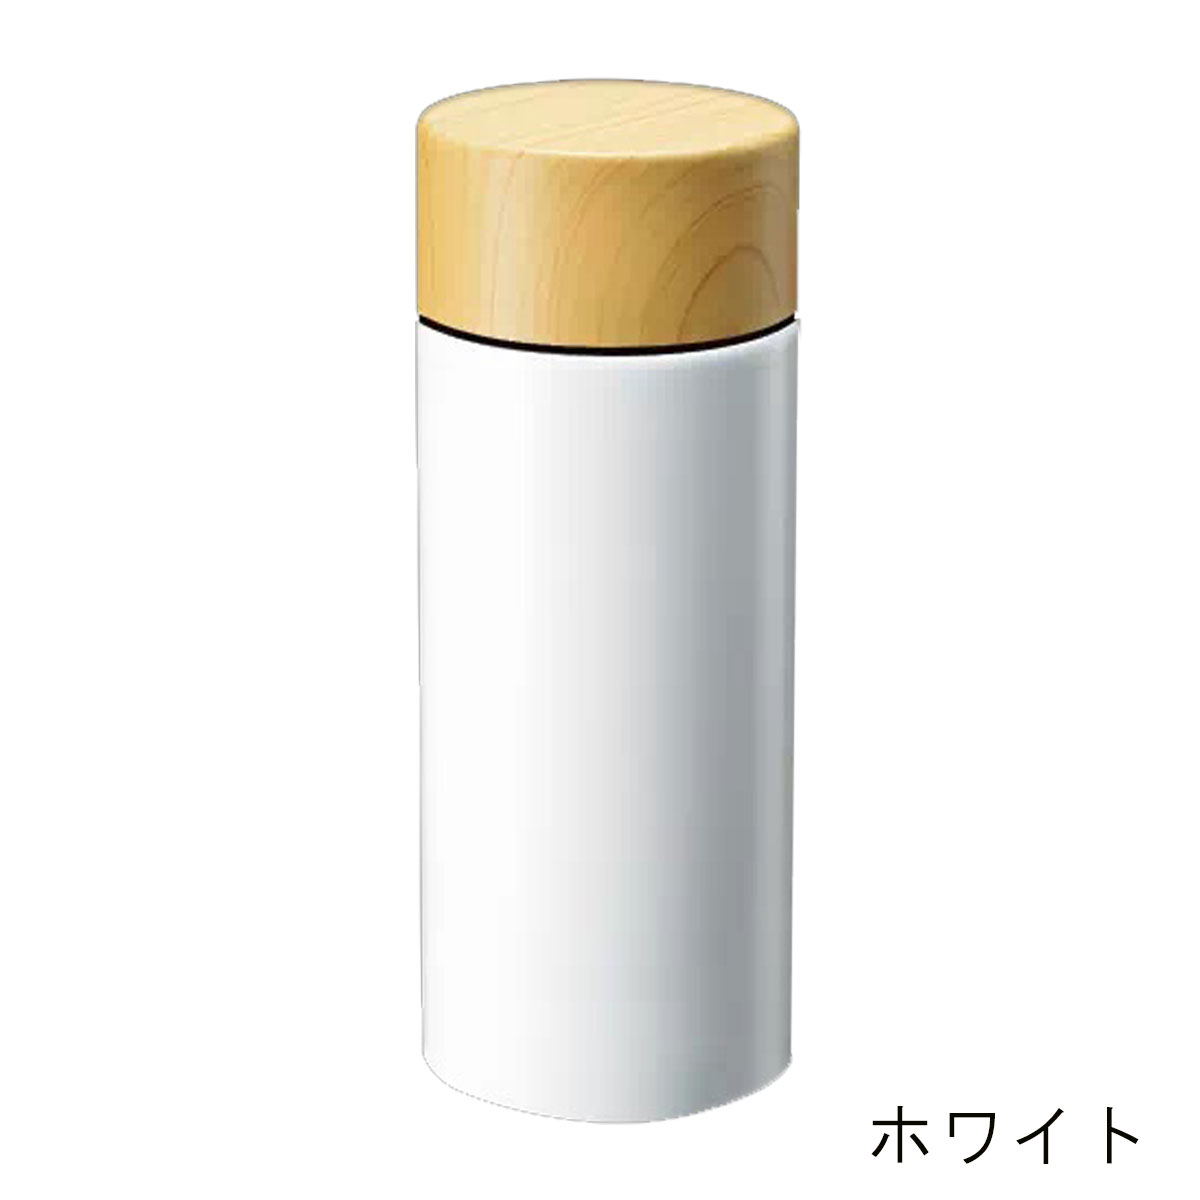 真空二重構造 木目調ステンレスボトル 300ml